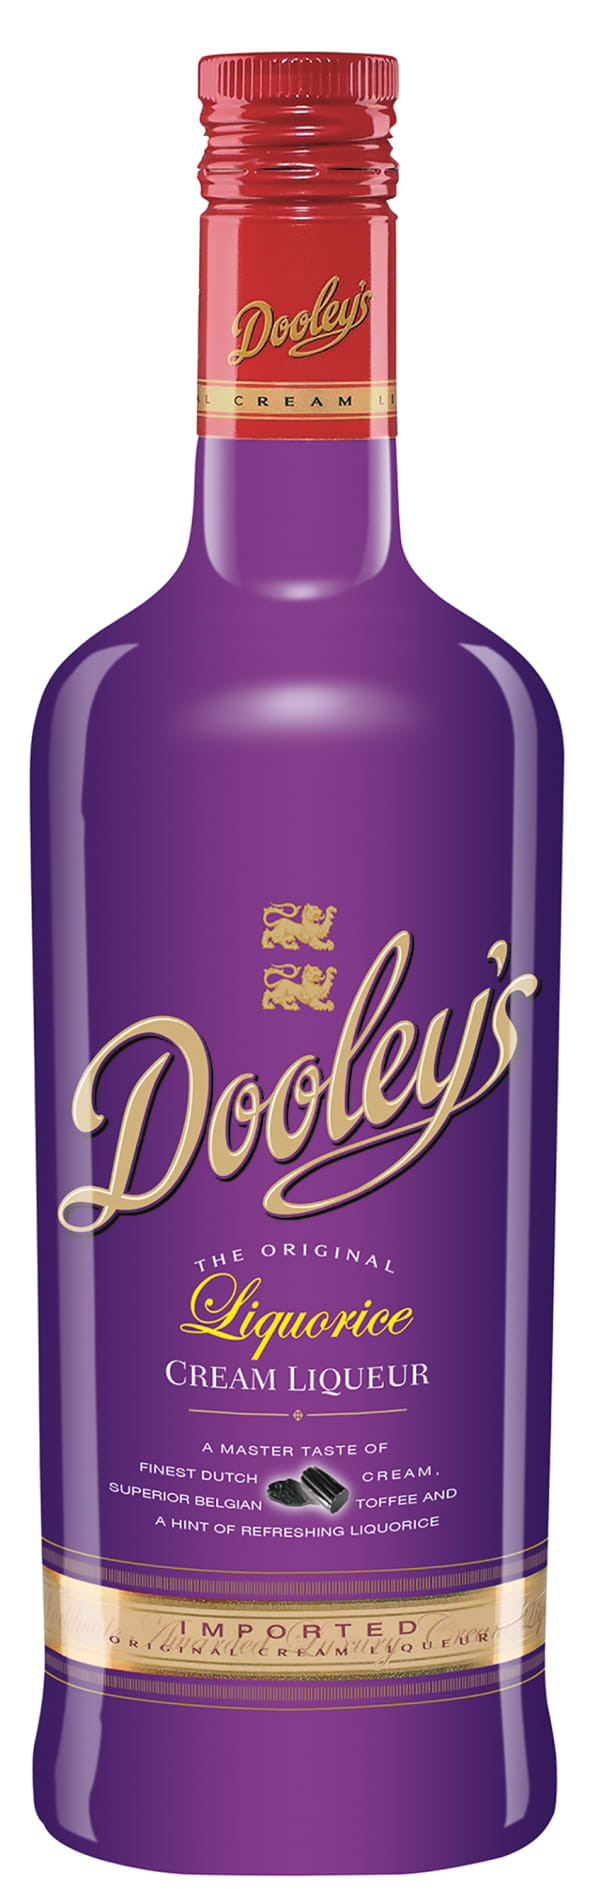 Dooley's Liquorice Cream